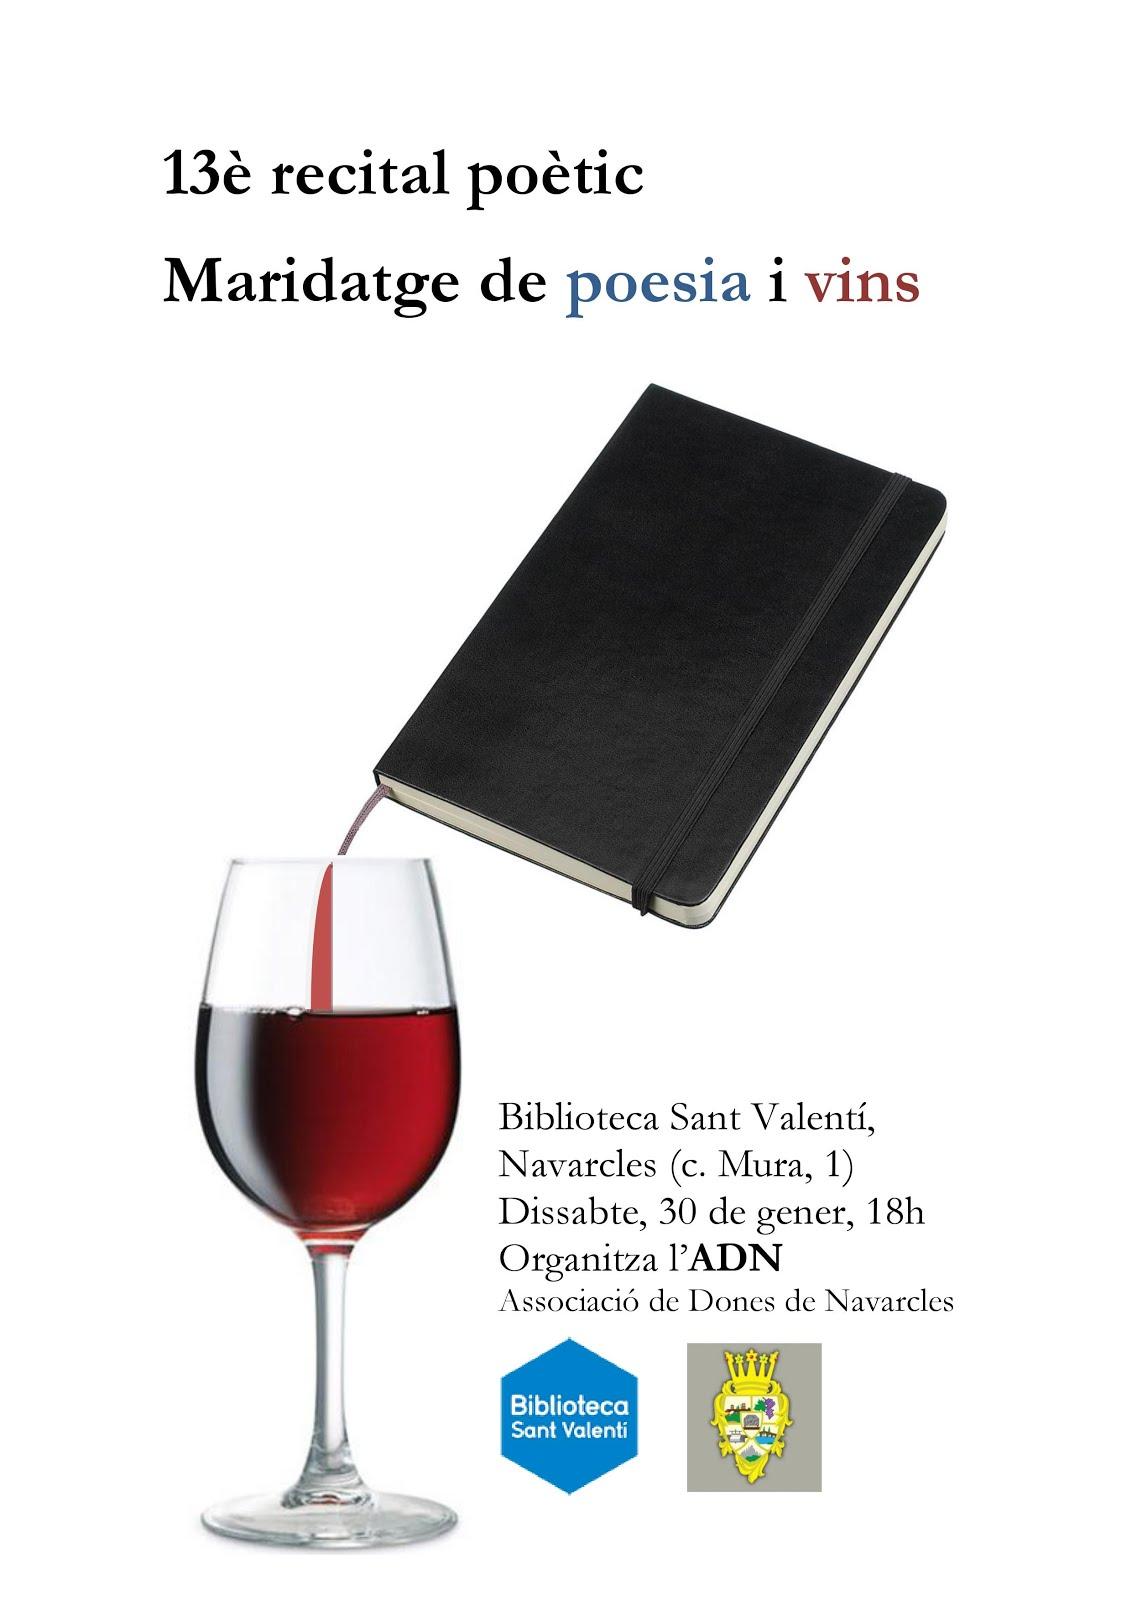 13è recital Maridatge de poesia i vins